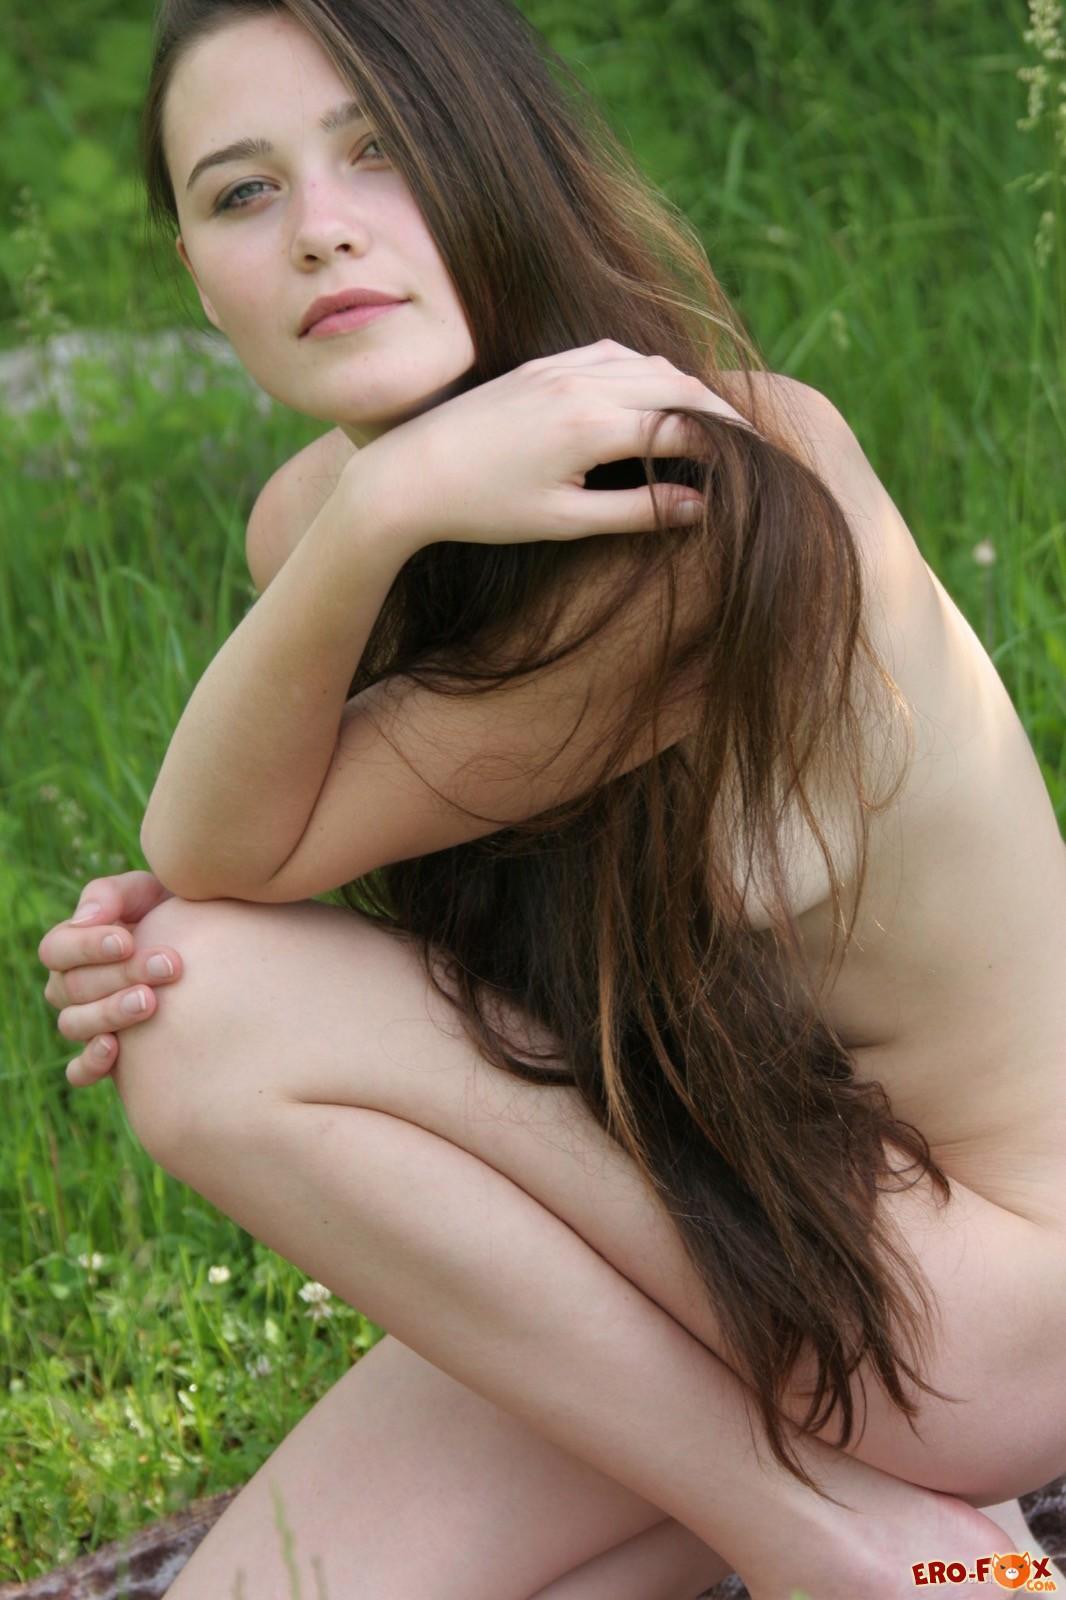 Длинноволосая голая девушка позирует на природе